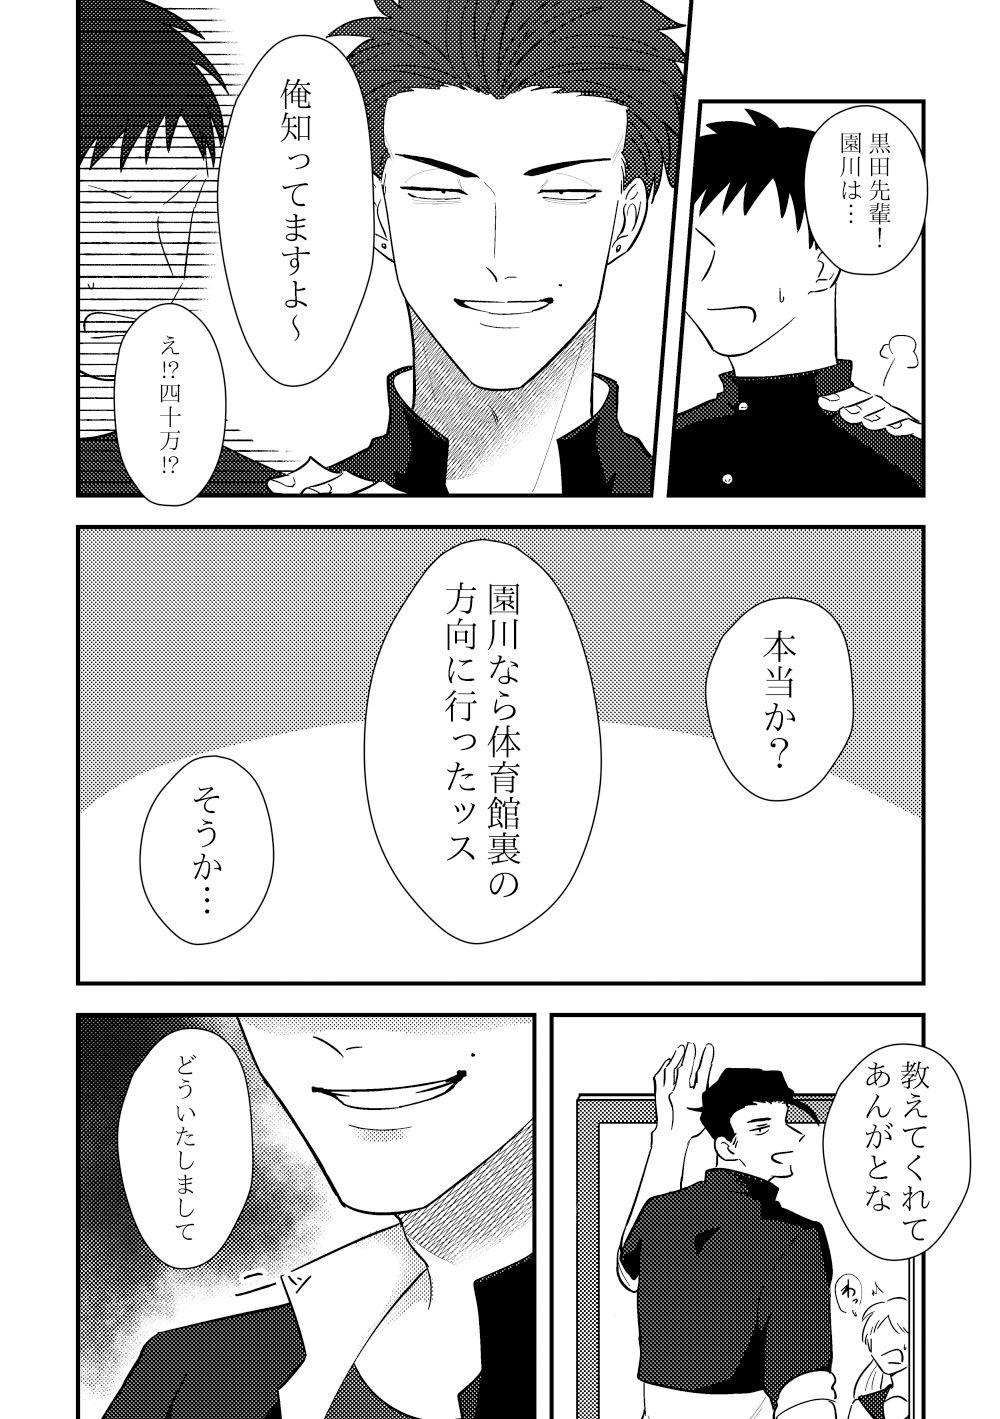 サンプル画像4:チャラ男と番長〜幸せになろうぜ編〜(豪放磊落) [d_188205]